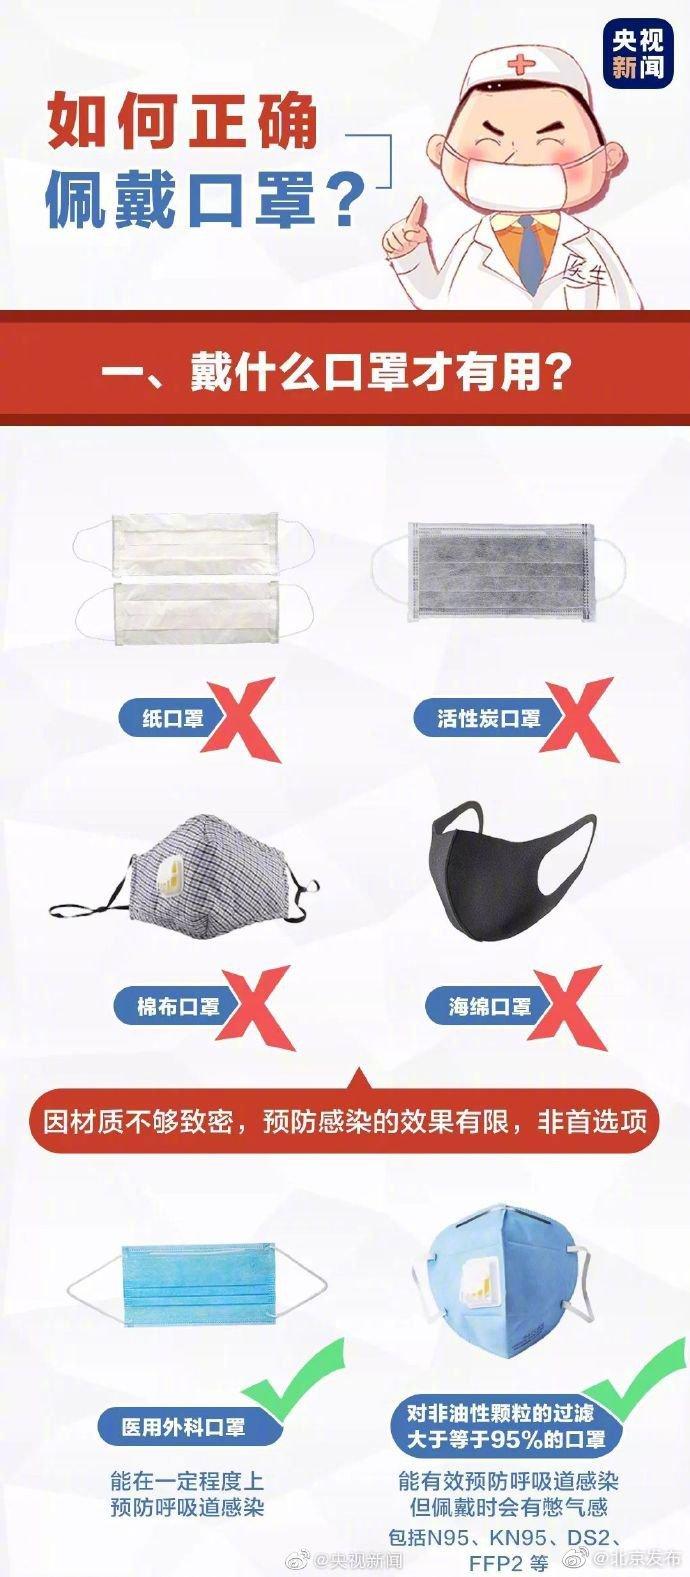 防肺炎口罩正确带法(图解)